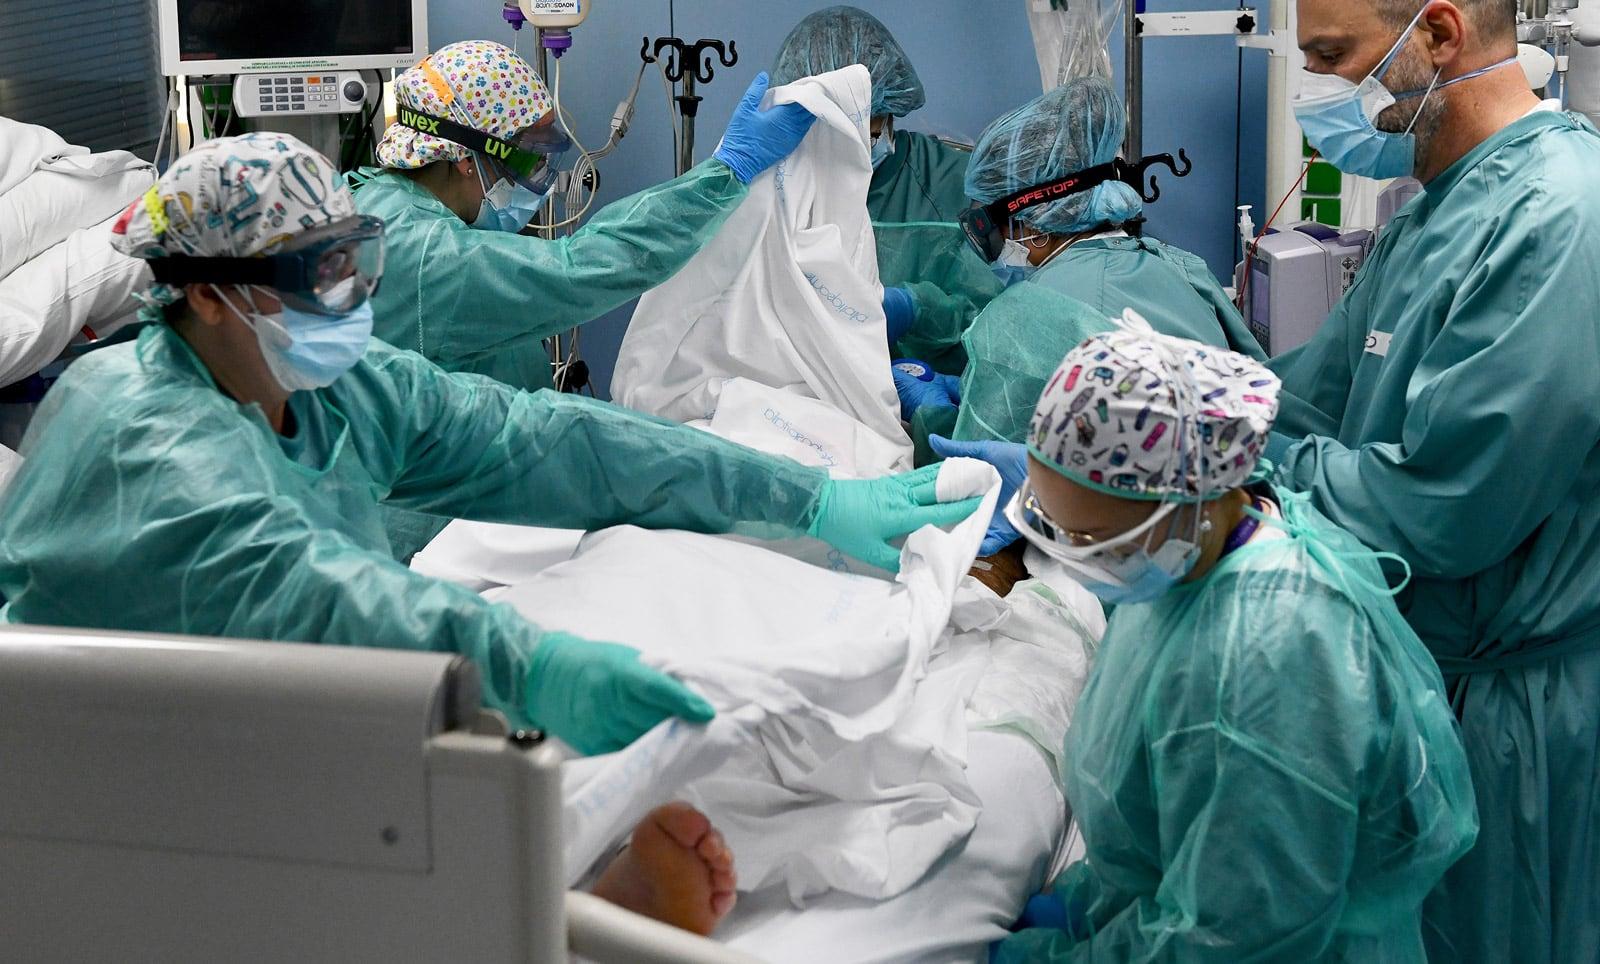 Atenció a un malalt crític de covid a l'UCI de l'Hospital de Sant Pau, a la tardor. Fotografia de Xavier Jubierre.